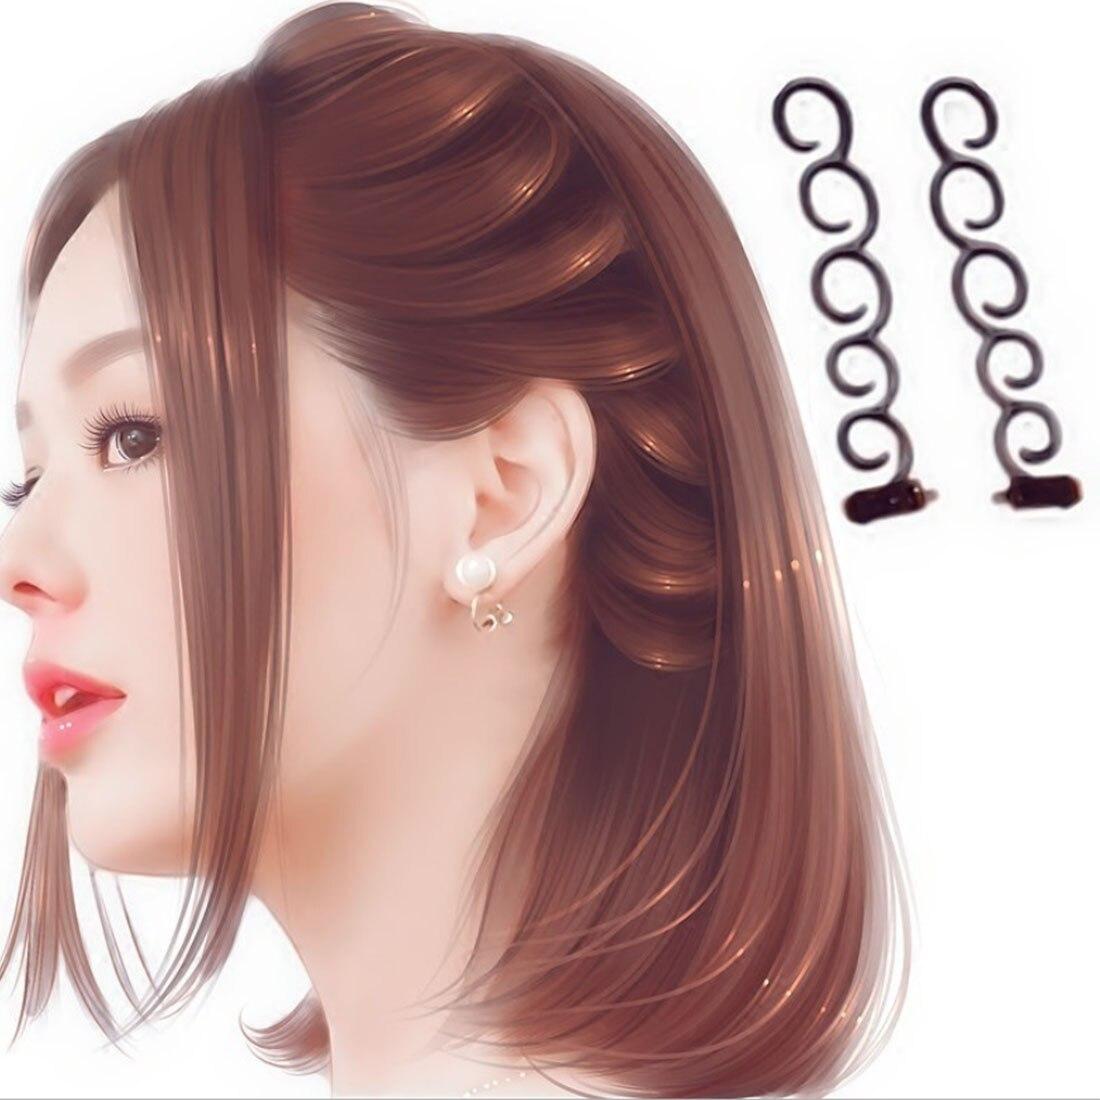 Online Get Cheap Frisuren Haarspangen Aliexpress Com Alibaba Group